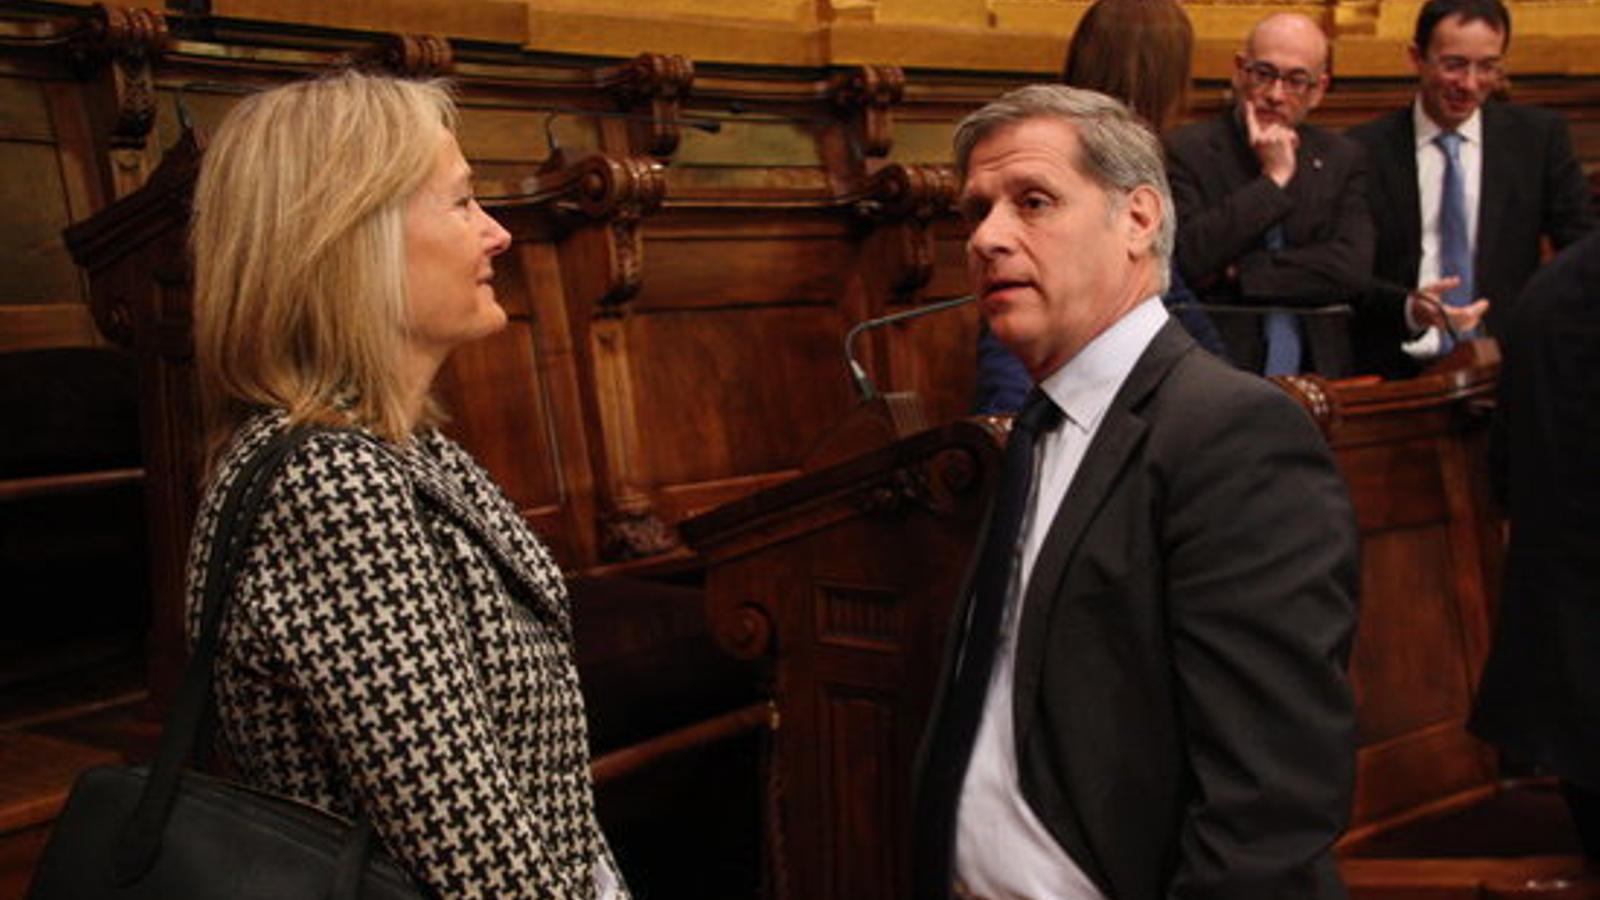 La regidora del PP a Barcelona Àngels Esteller substituirà Jorge Moragas com a diputada al Congrés